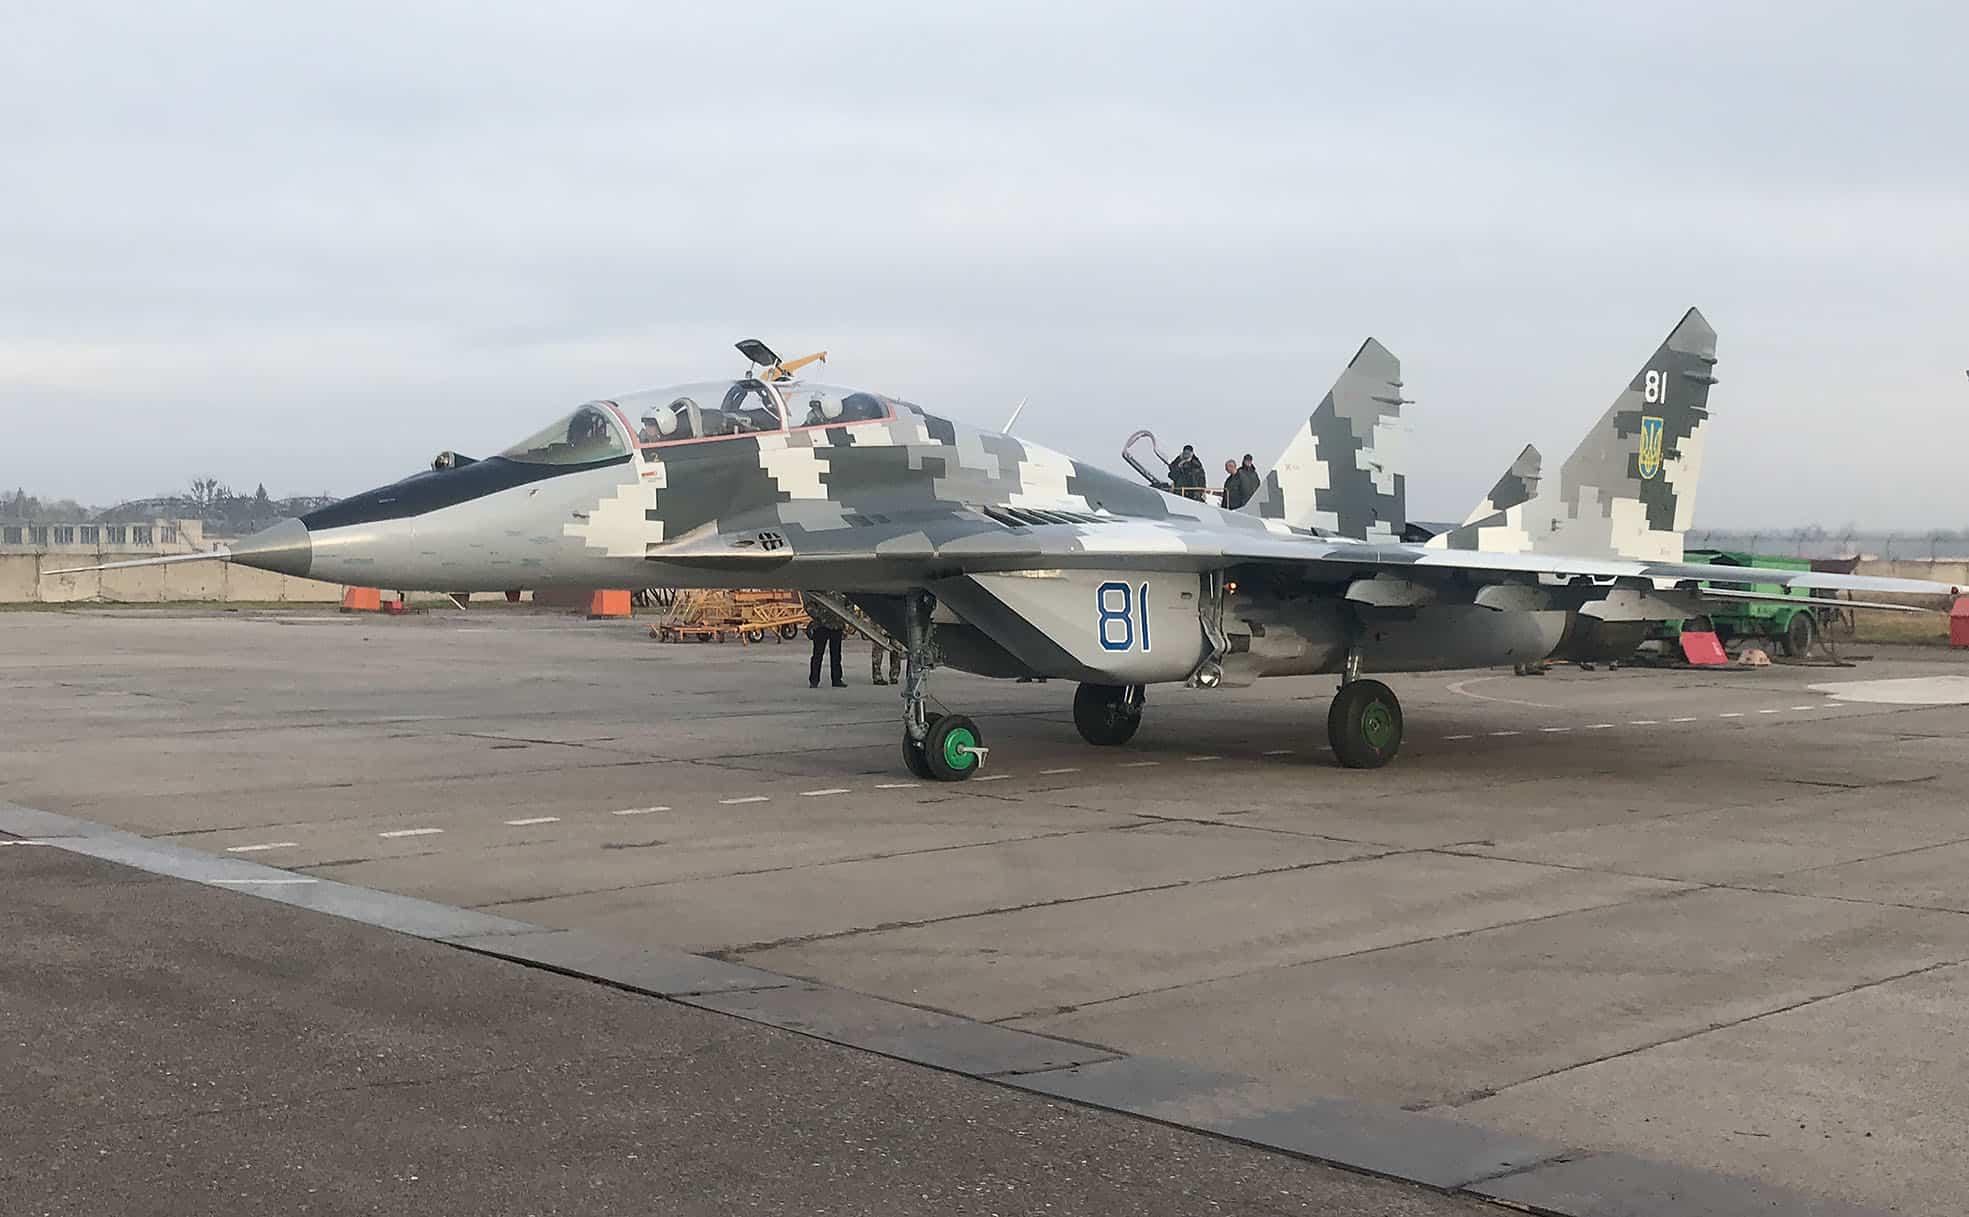 Капітально відремонтований МіГ-29УБ з бортовим номером 81